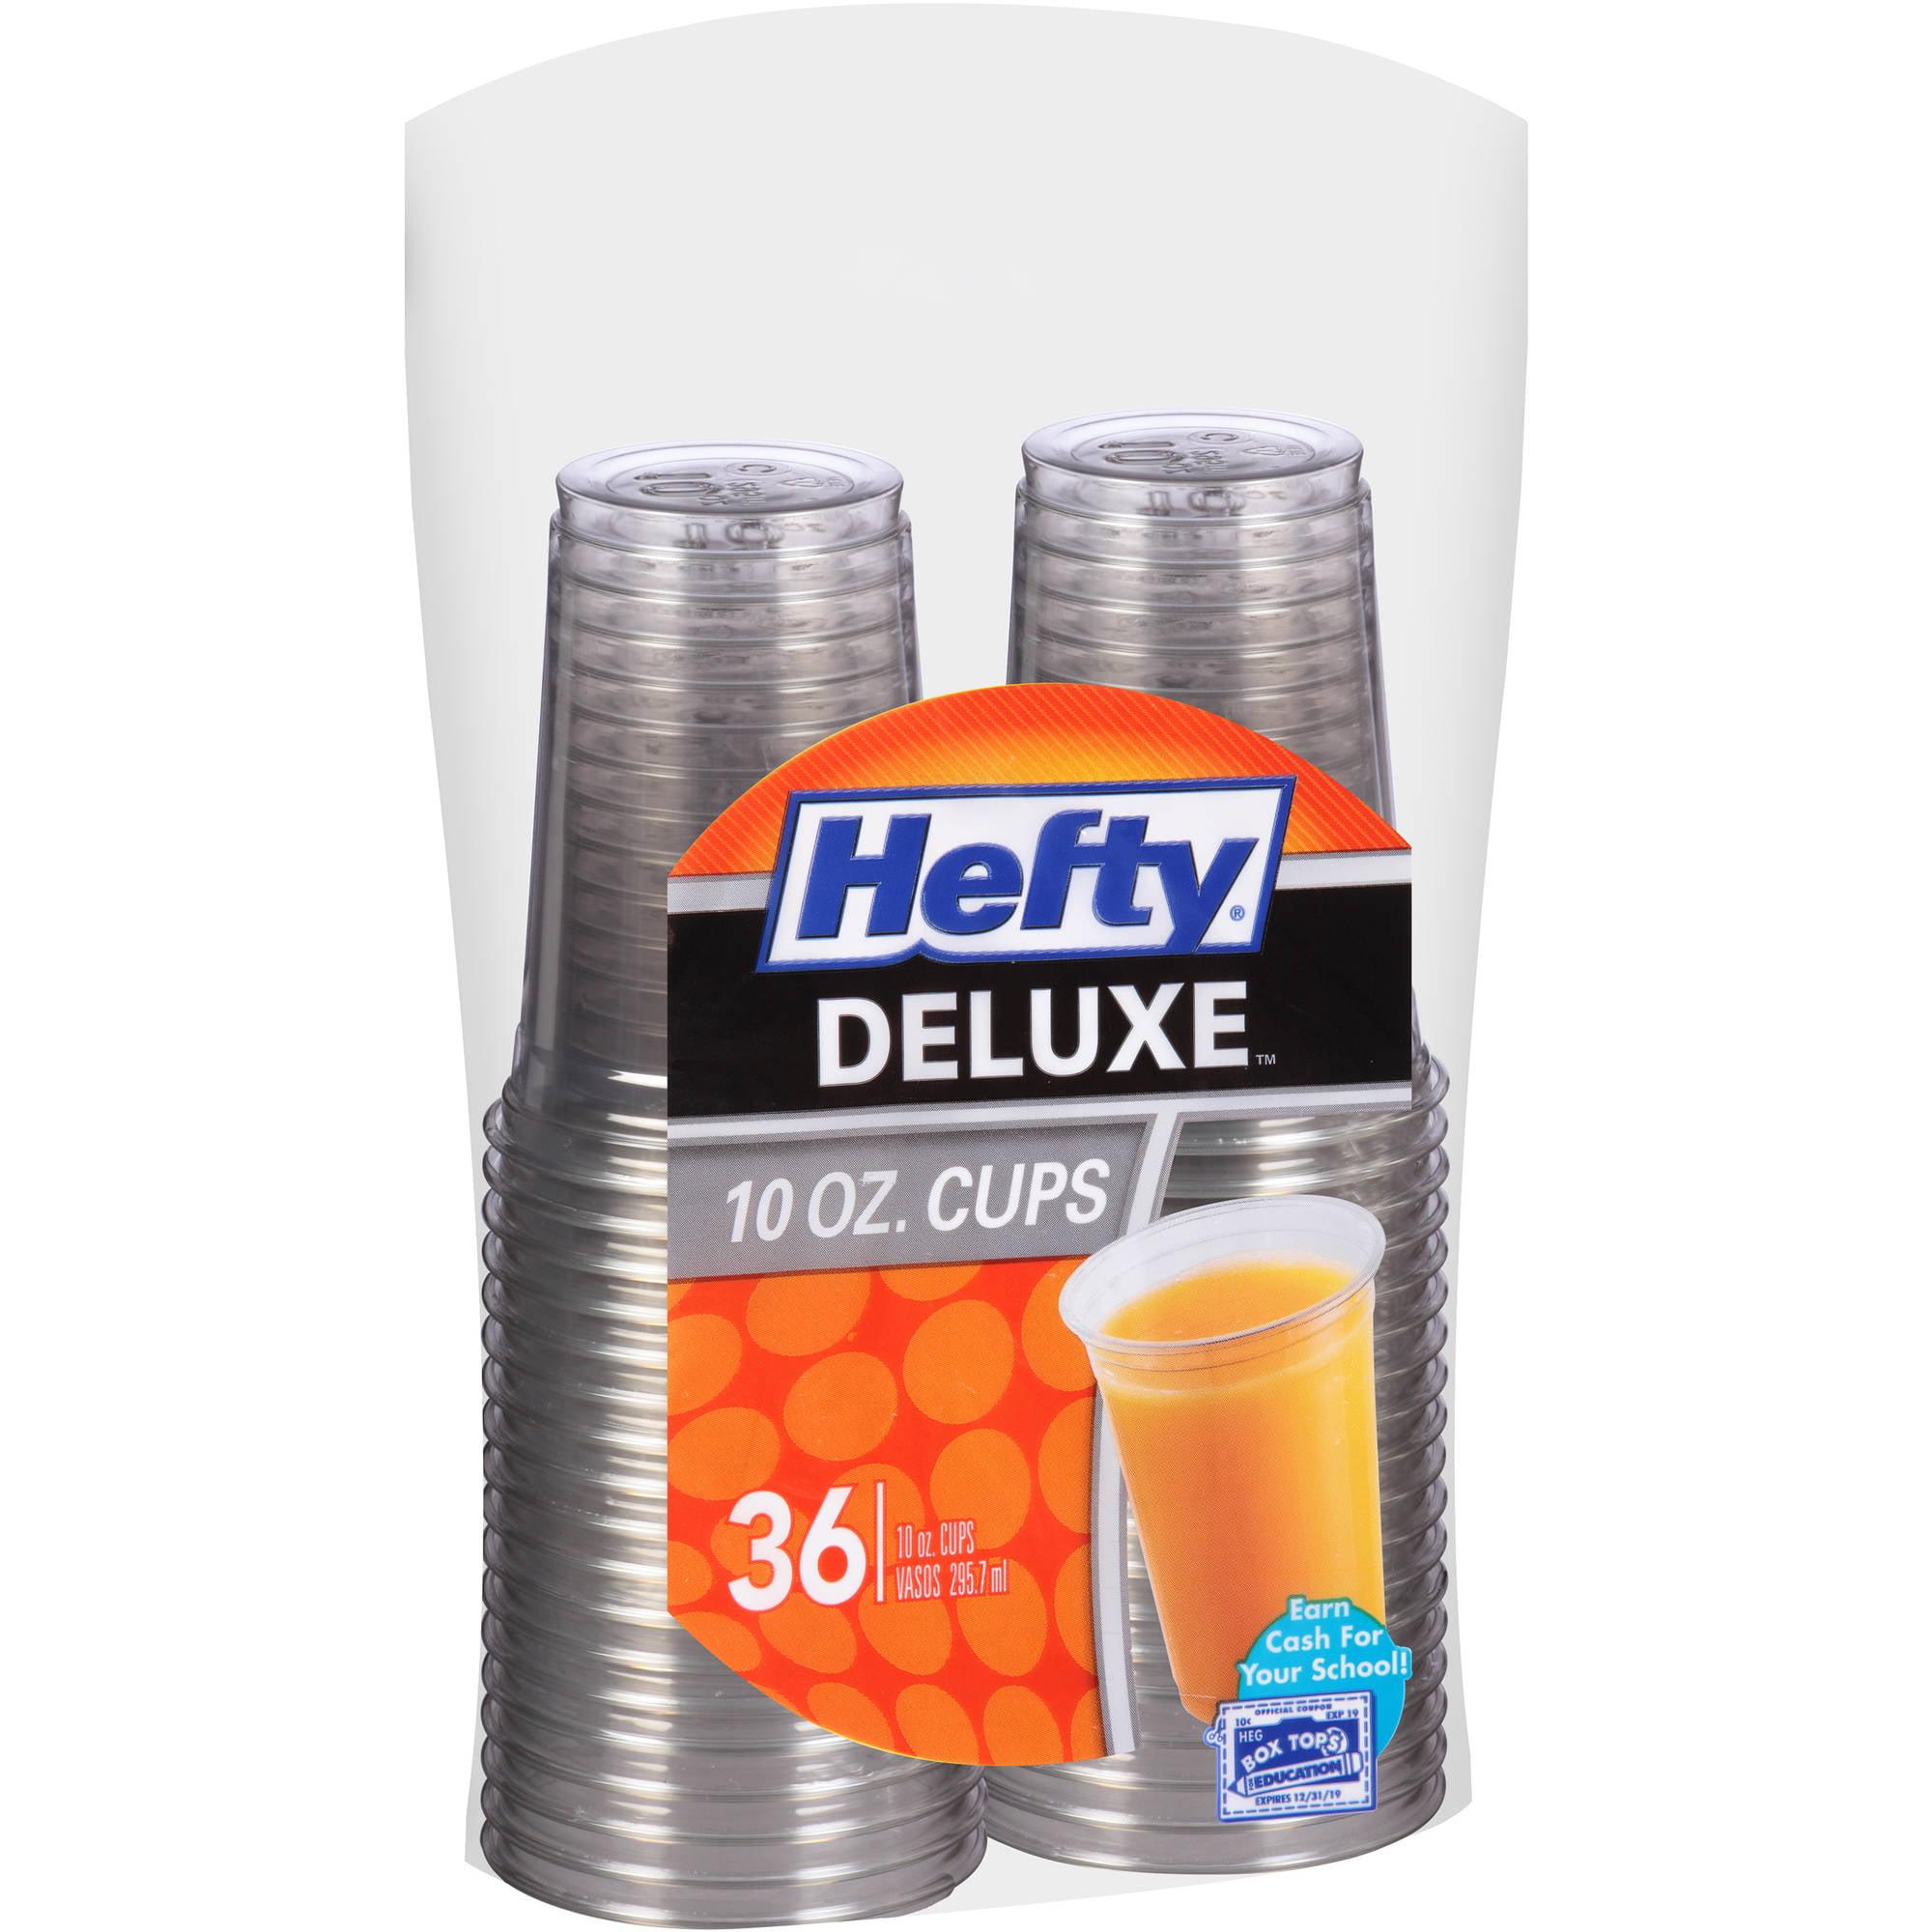 Hefty Deluxe 10 oz Cups, 36 count